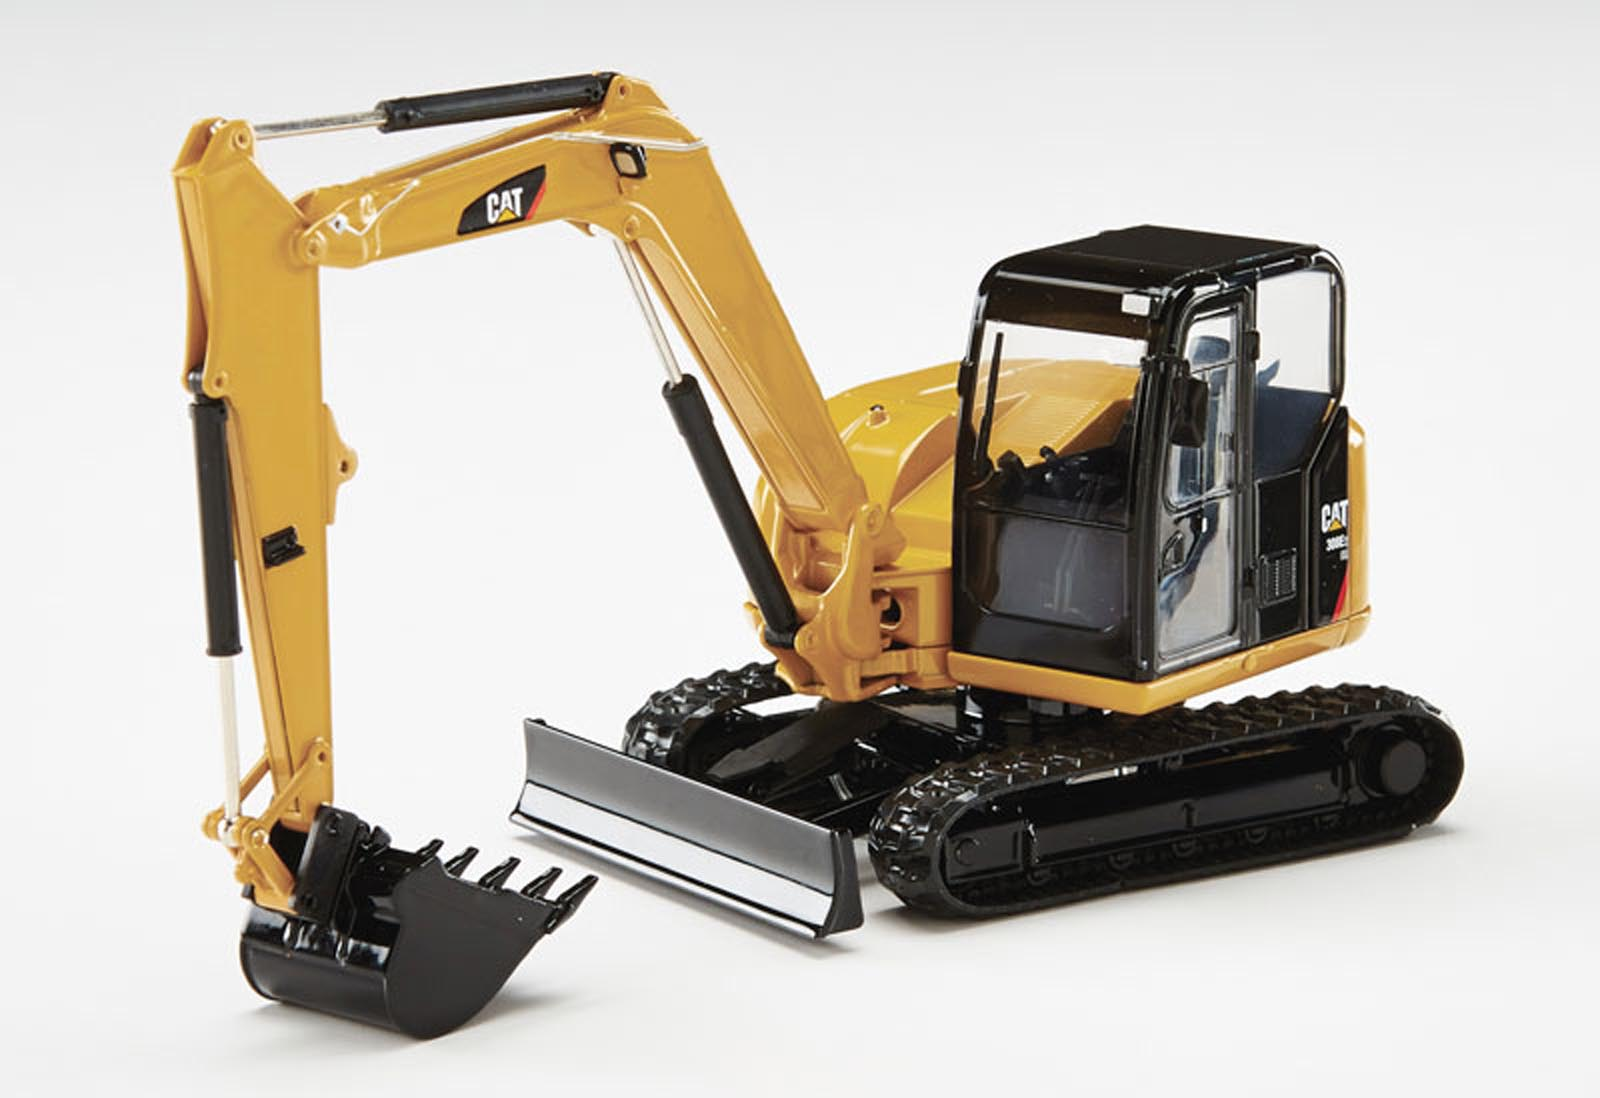 Vibrator plate for john deere excavator